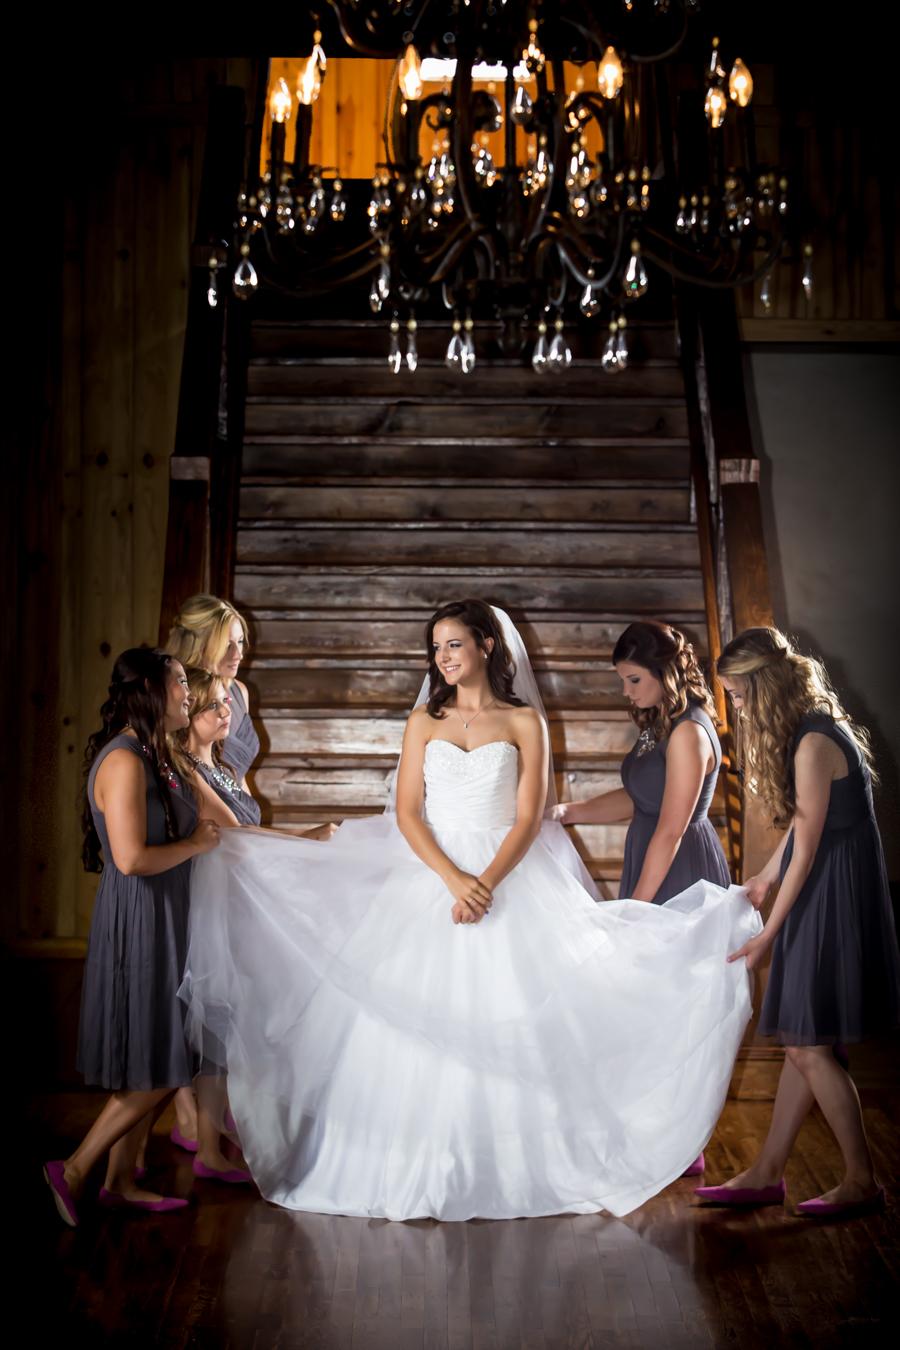 Edmond-wedding-photographer-39.jpg